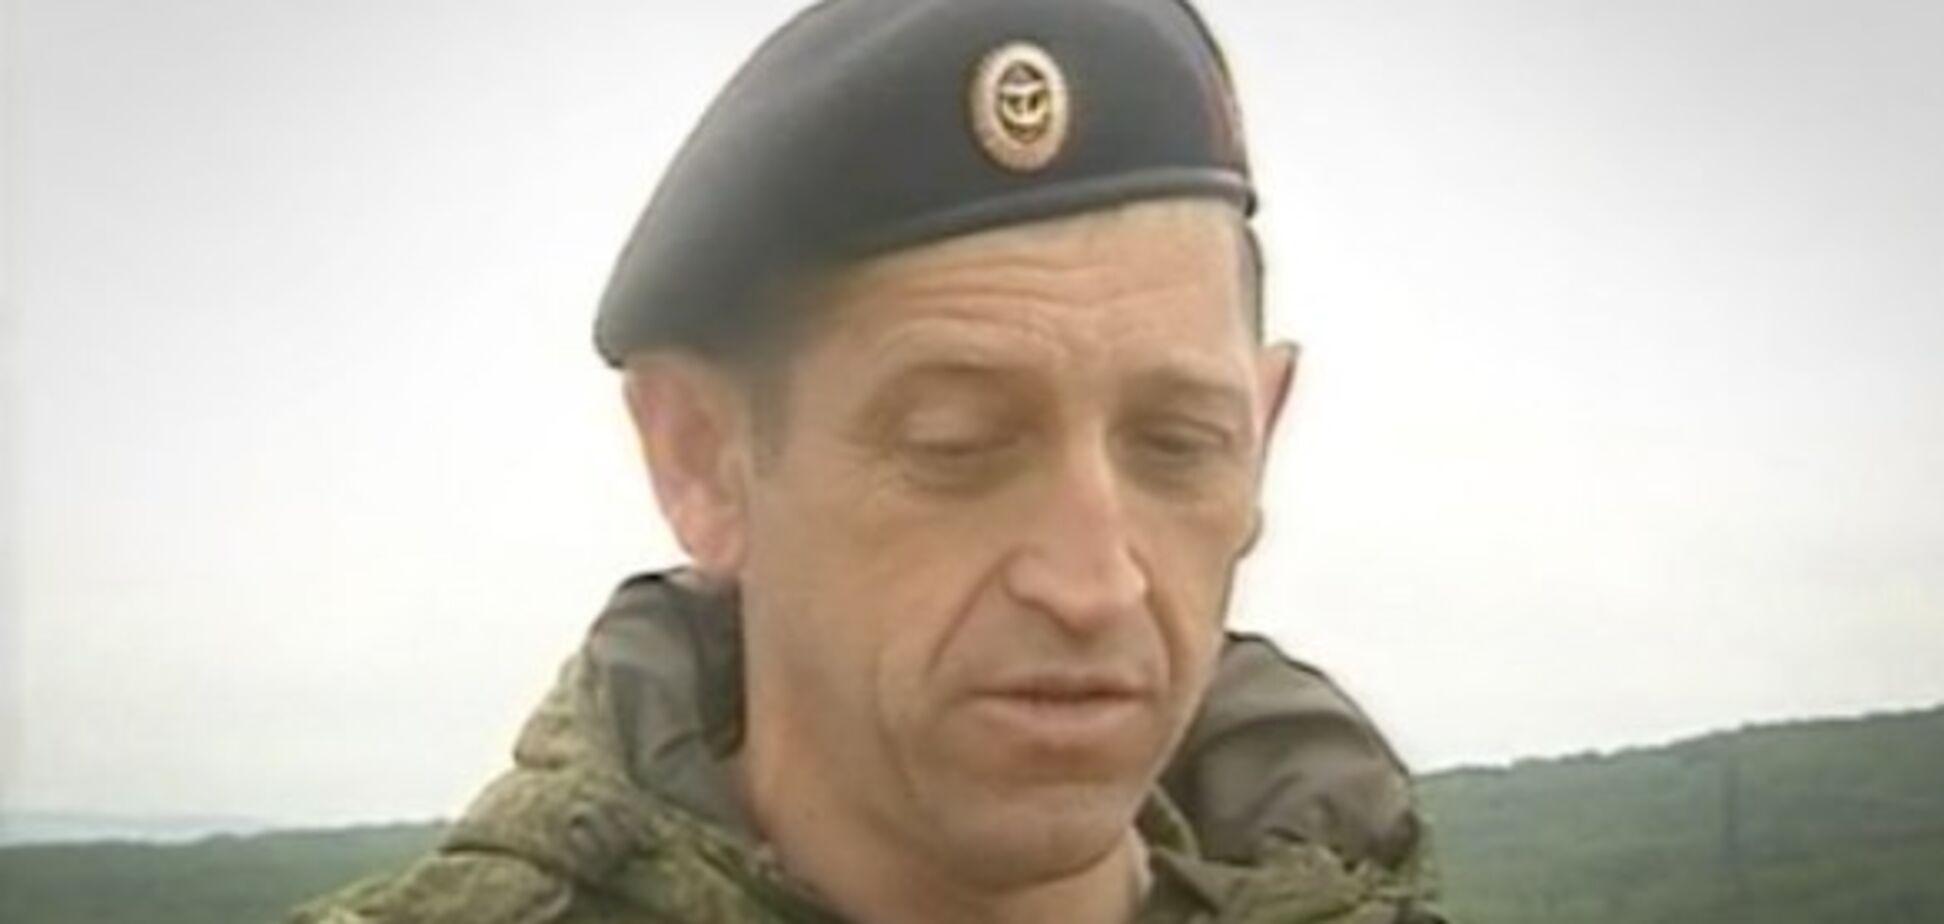 В Сирии уничтожили российского полковника: озвучена версия о расстреле по прямой наводке